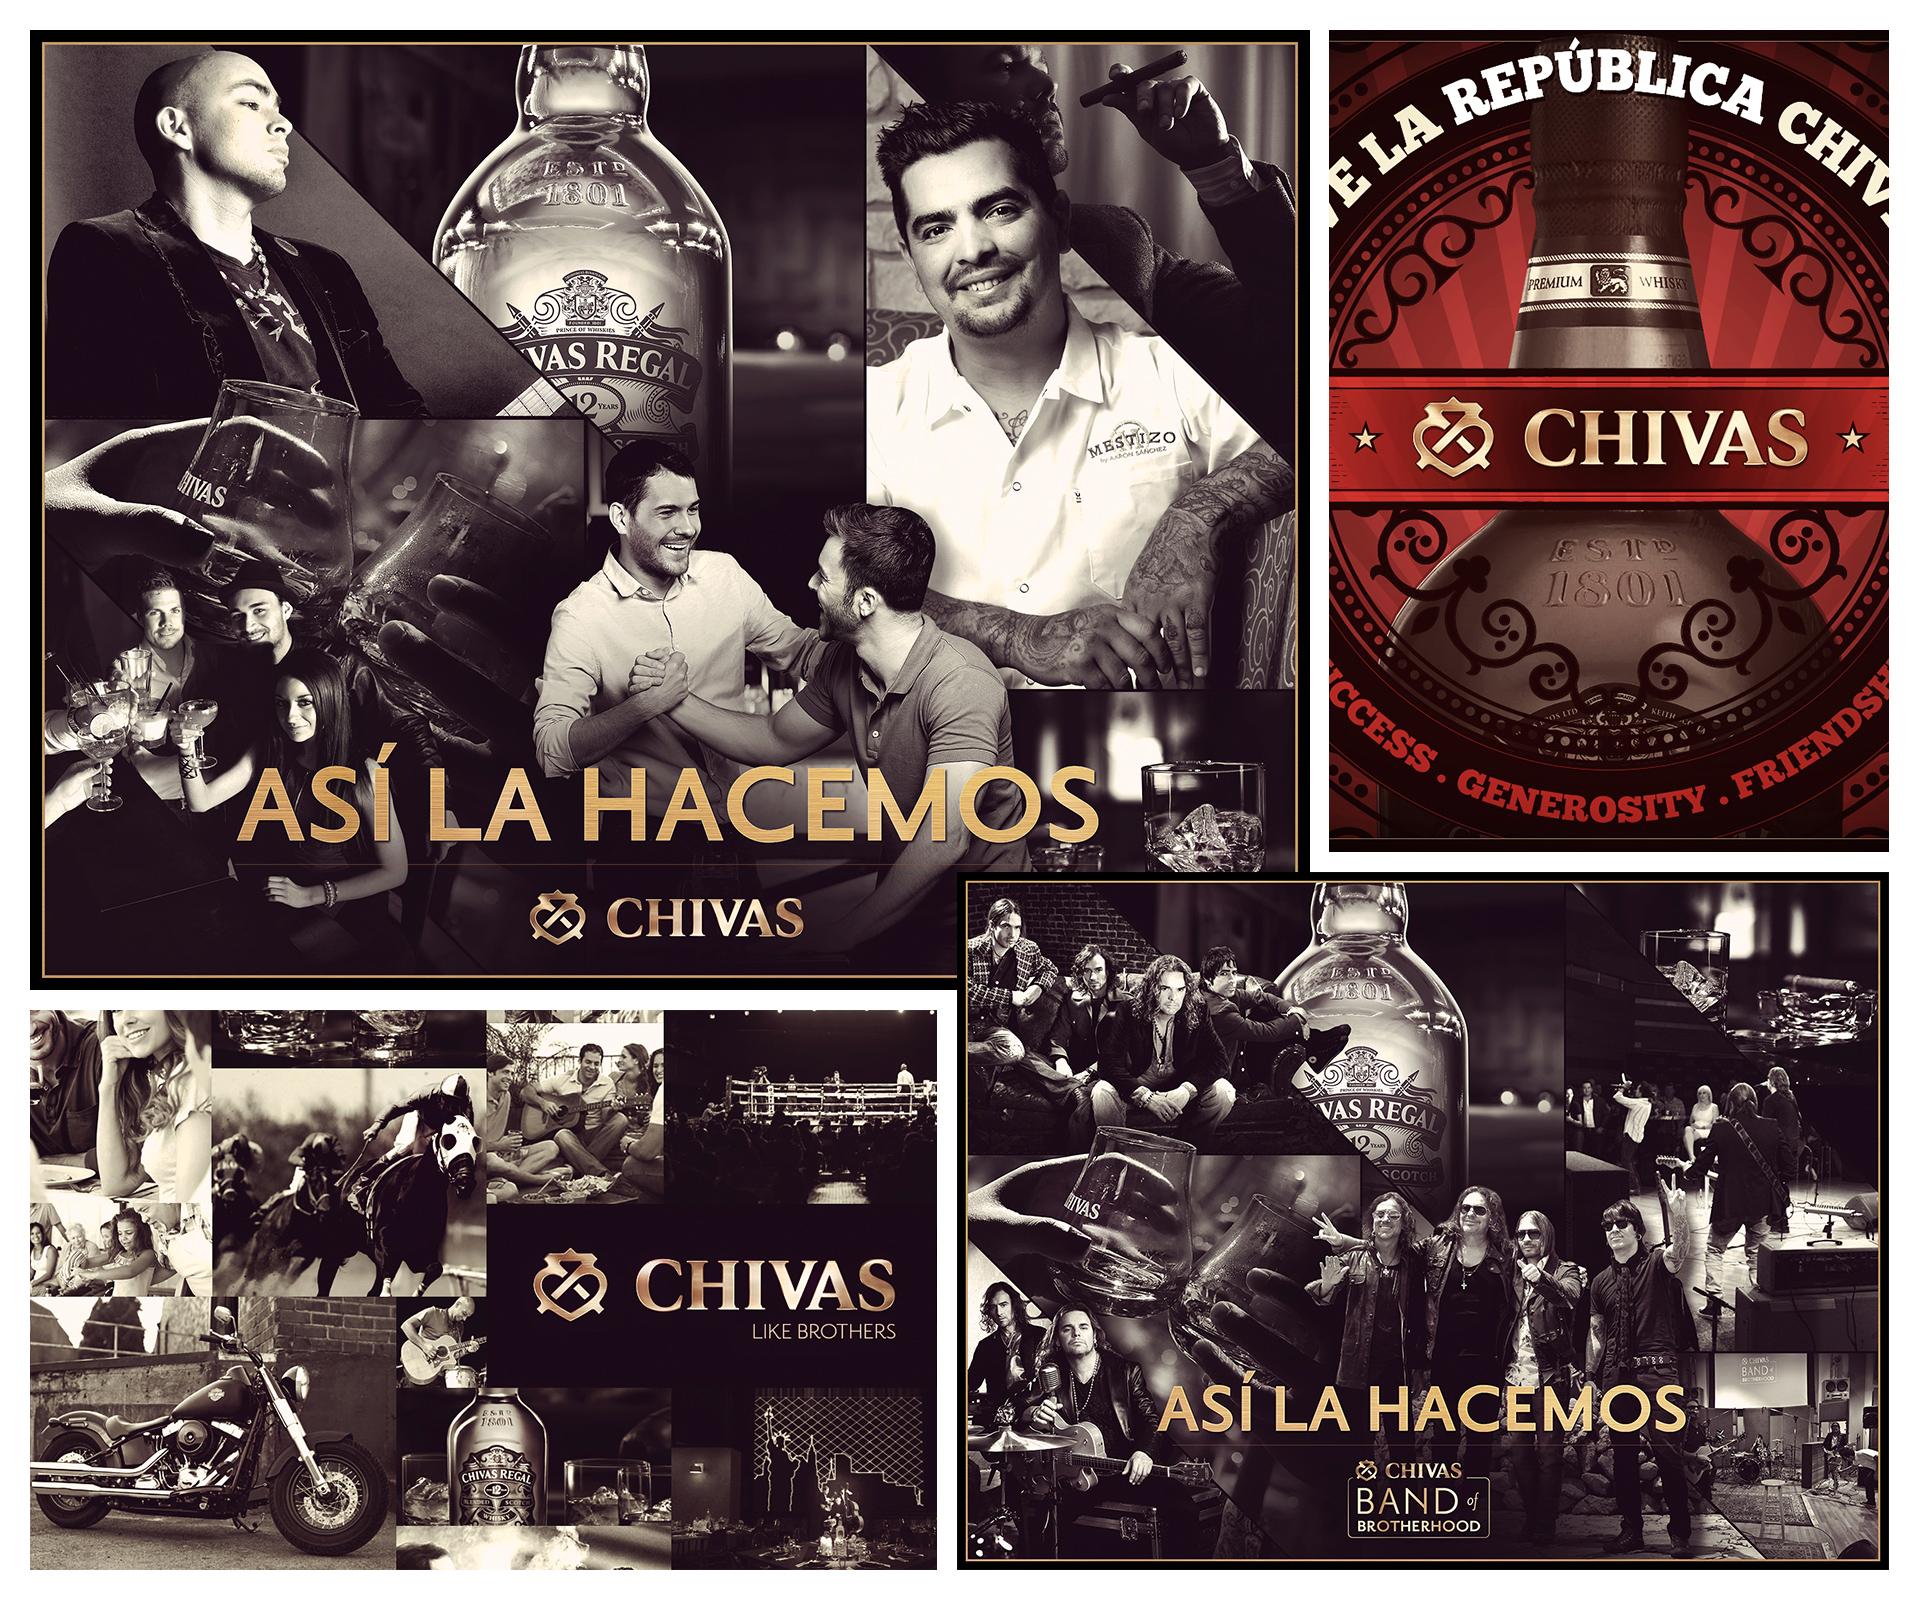 Chivas-Republica-2